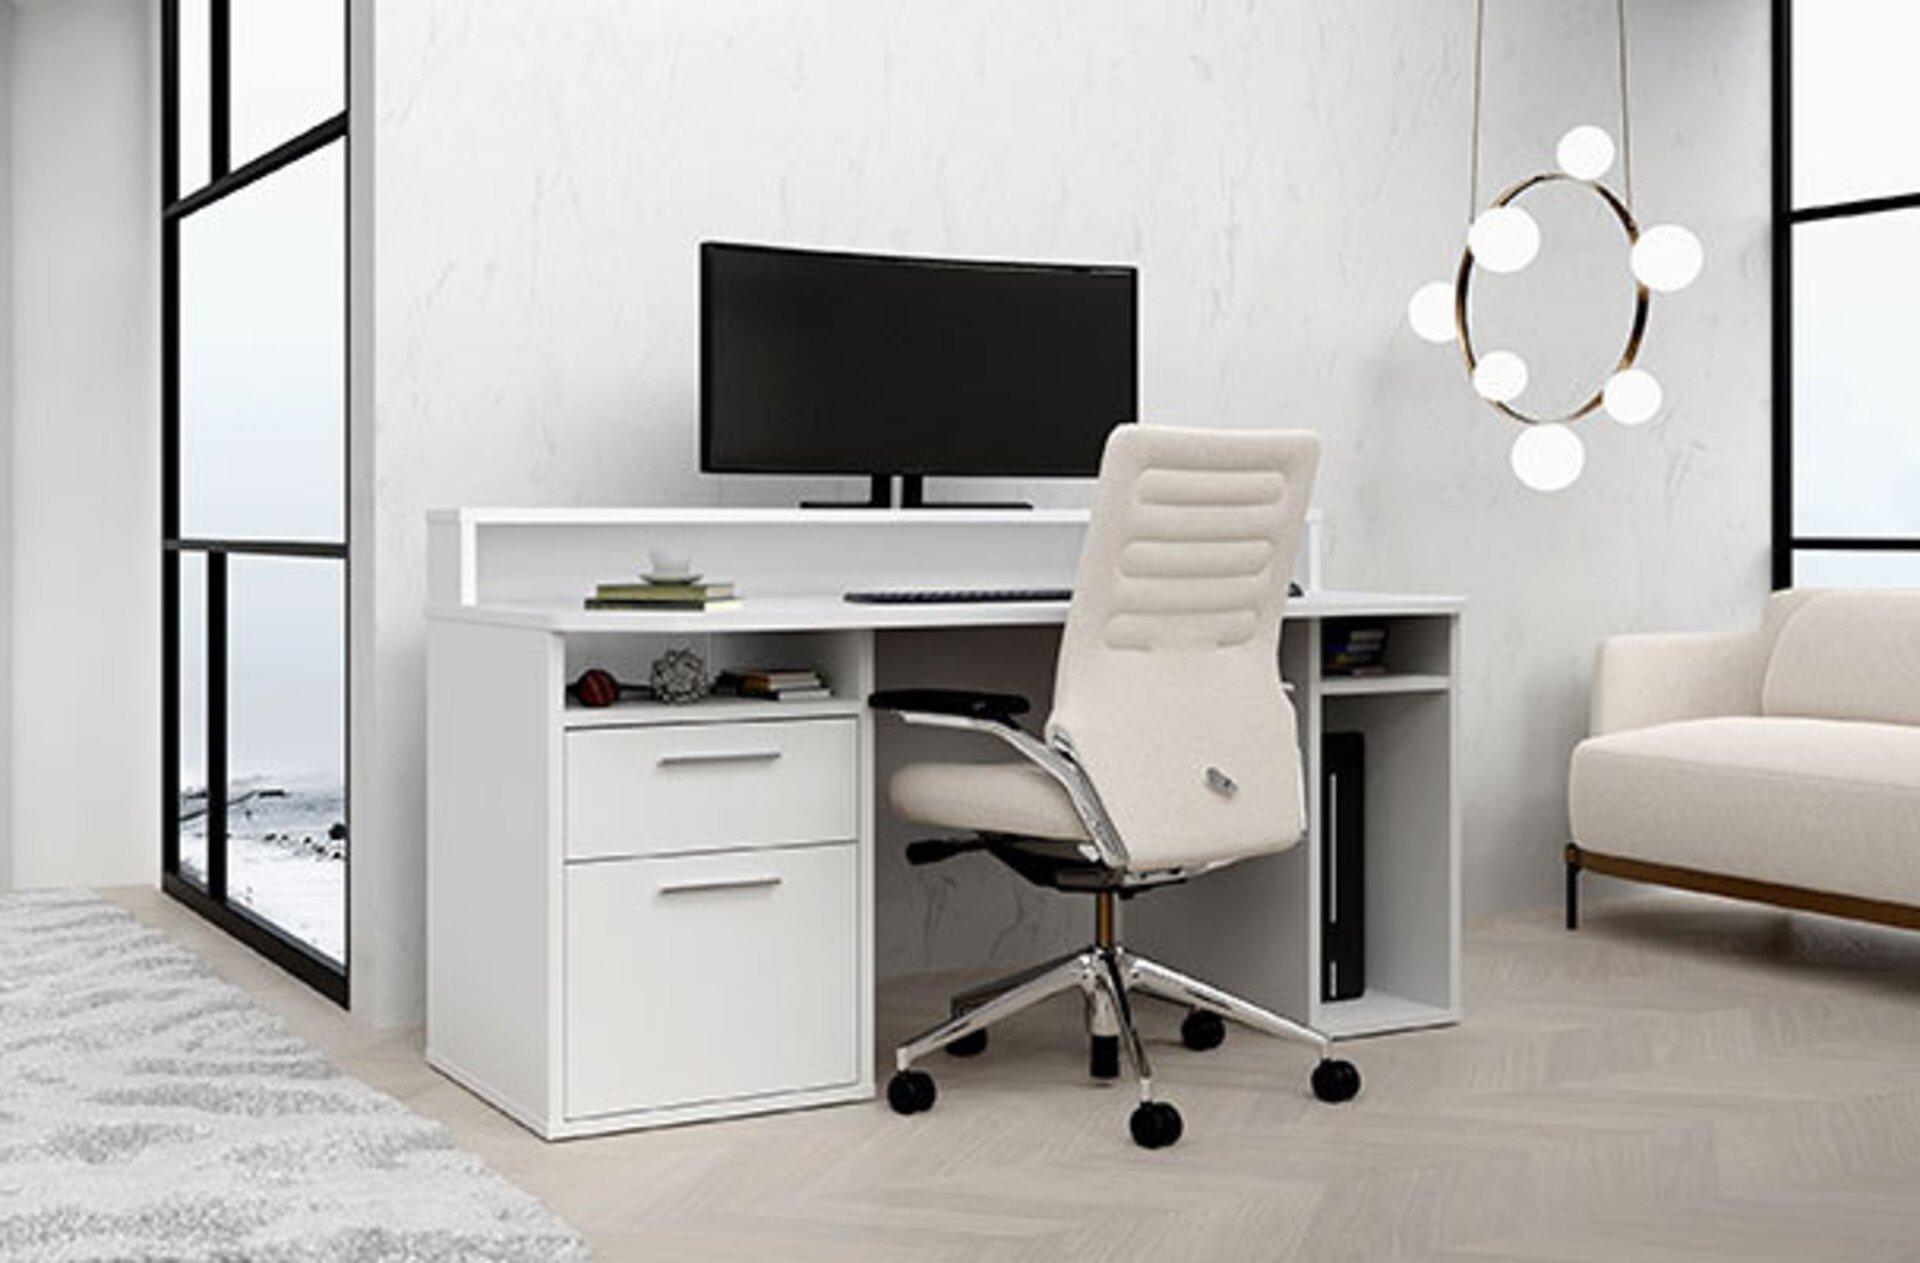 """Arbeitsecke bestehend aus weißem Computertisch und davor ein weißer, lederbezogener Drehstuhl. Das Bild dient als Milieubild für den Inspirationsbereich """"Der richtige Bürostuhl""""."""